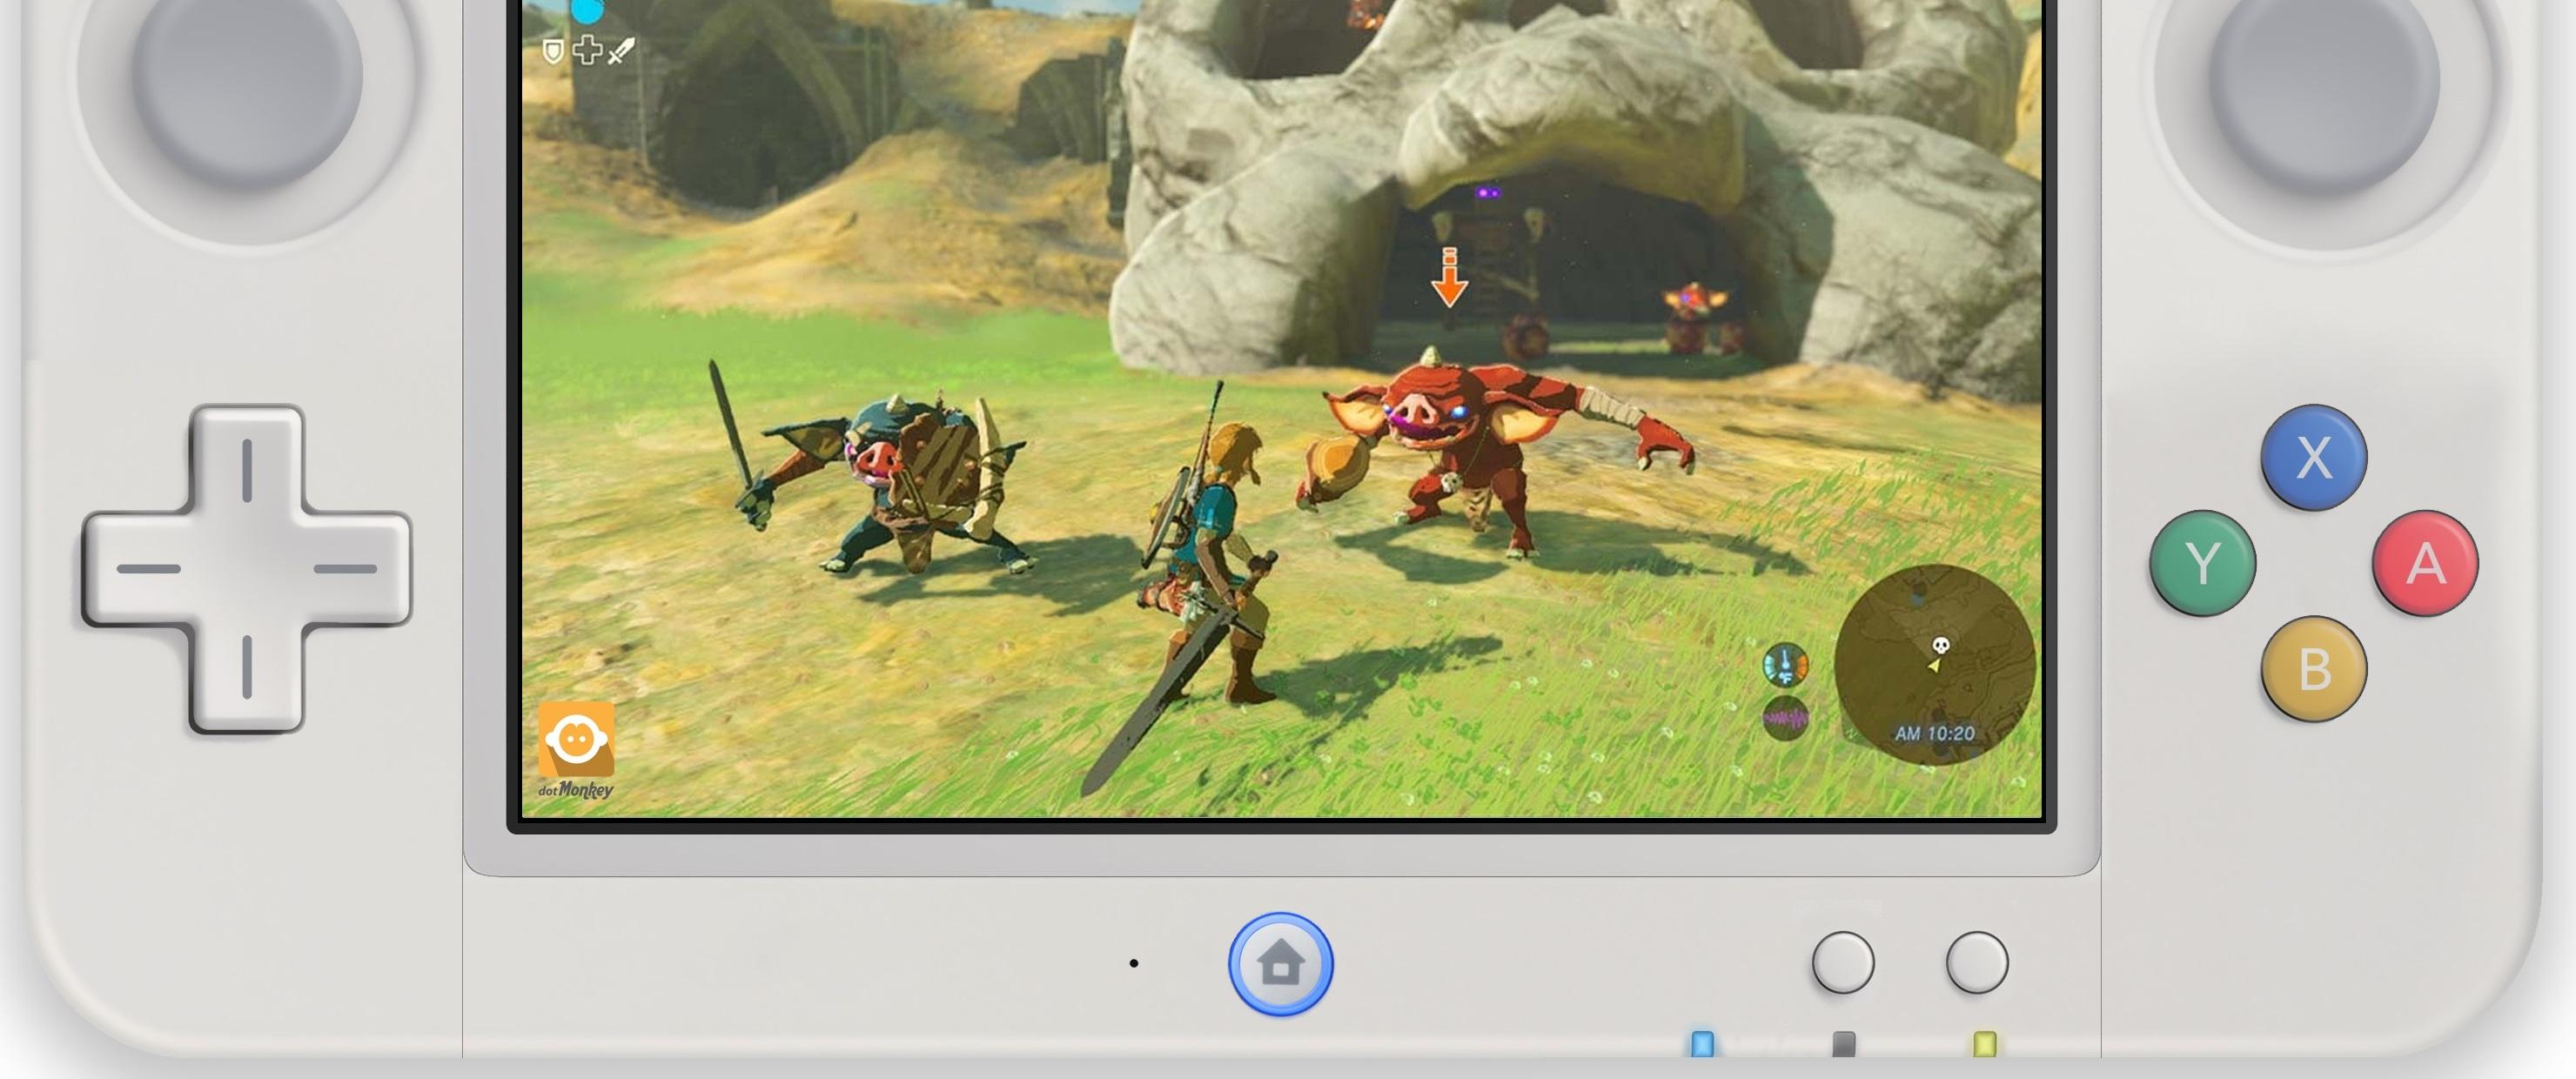 Nintendo NX: Se filtra una posible fecha y su precio en una tienda online